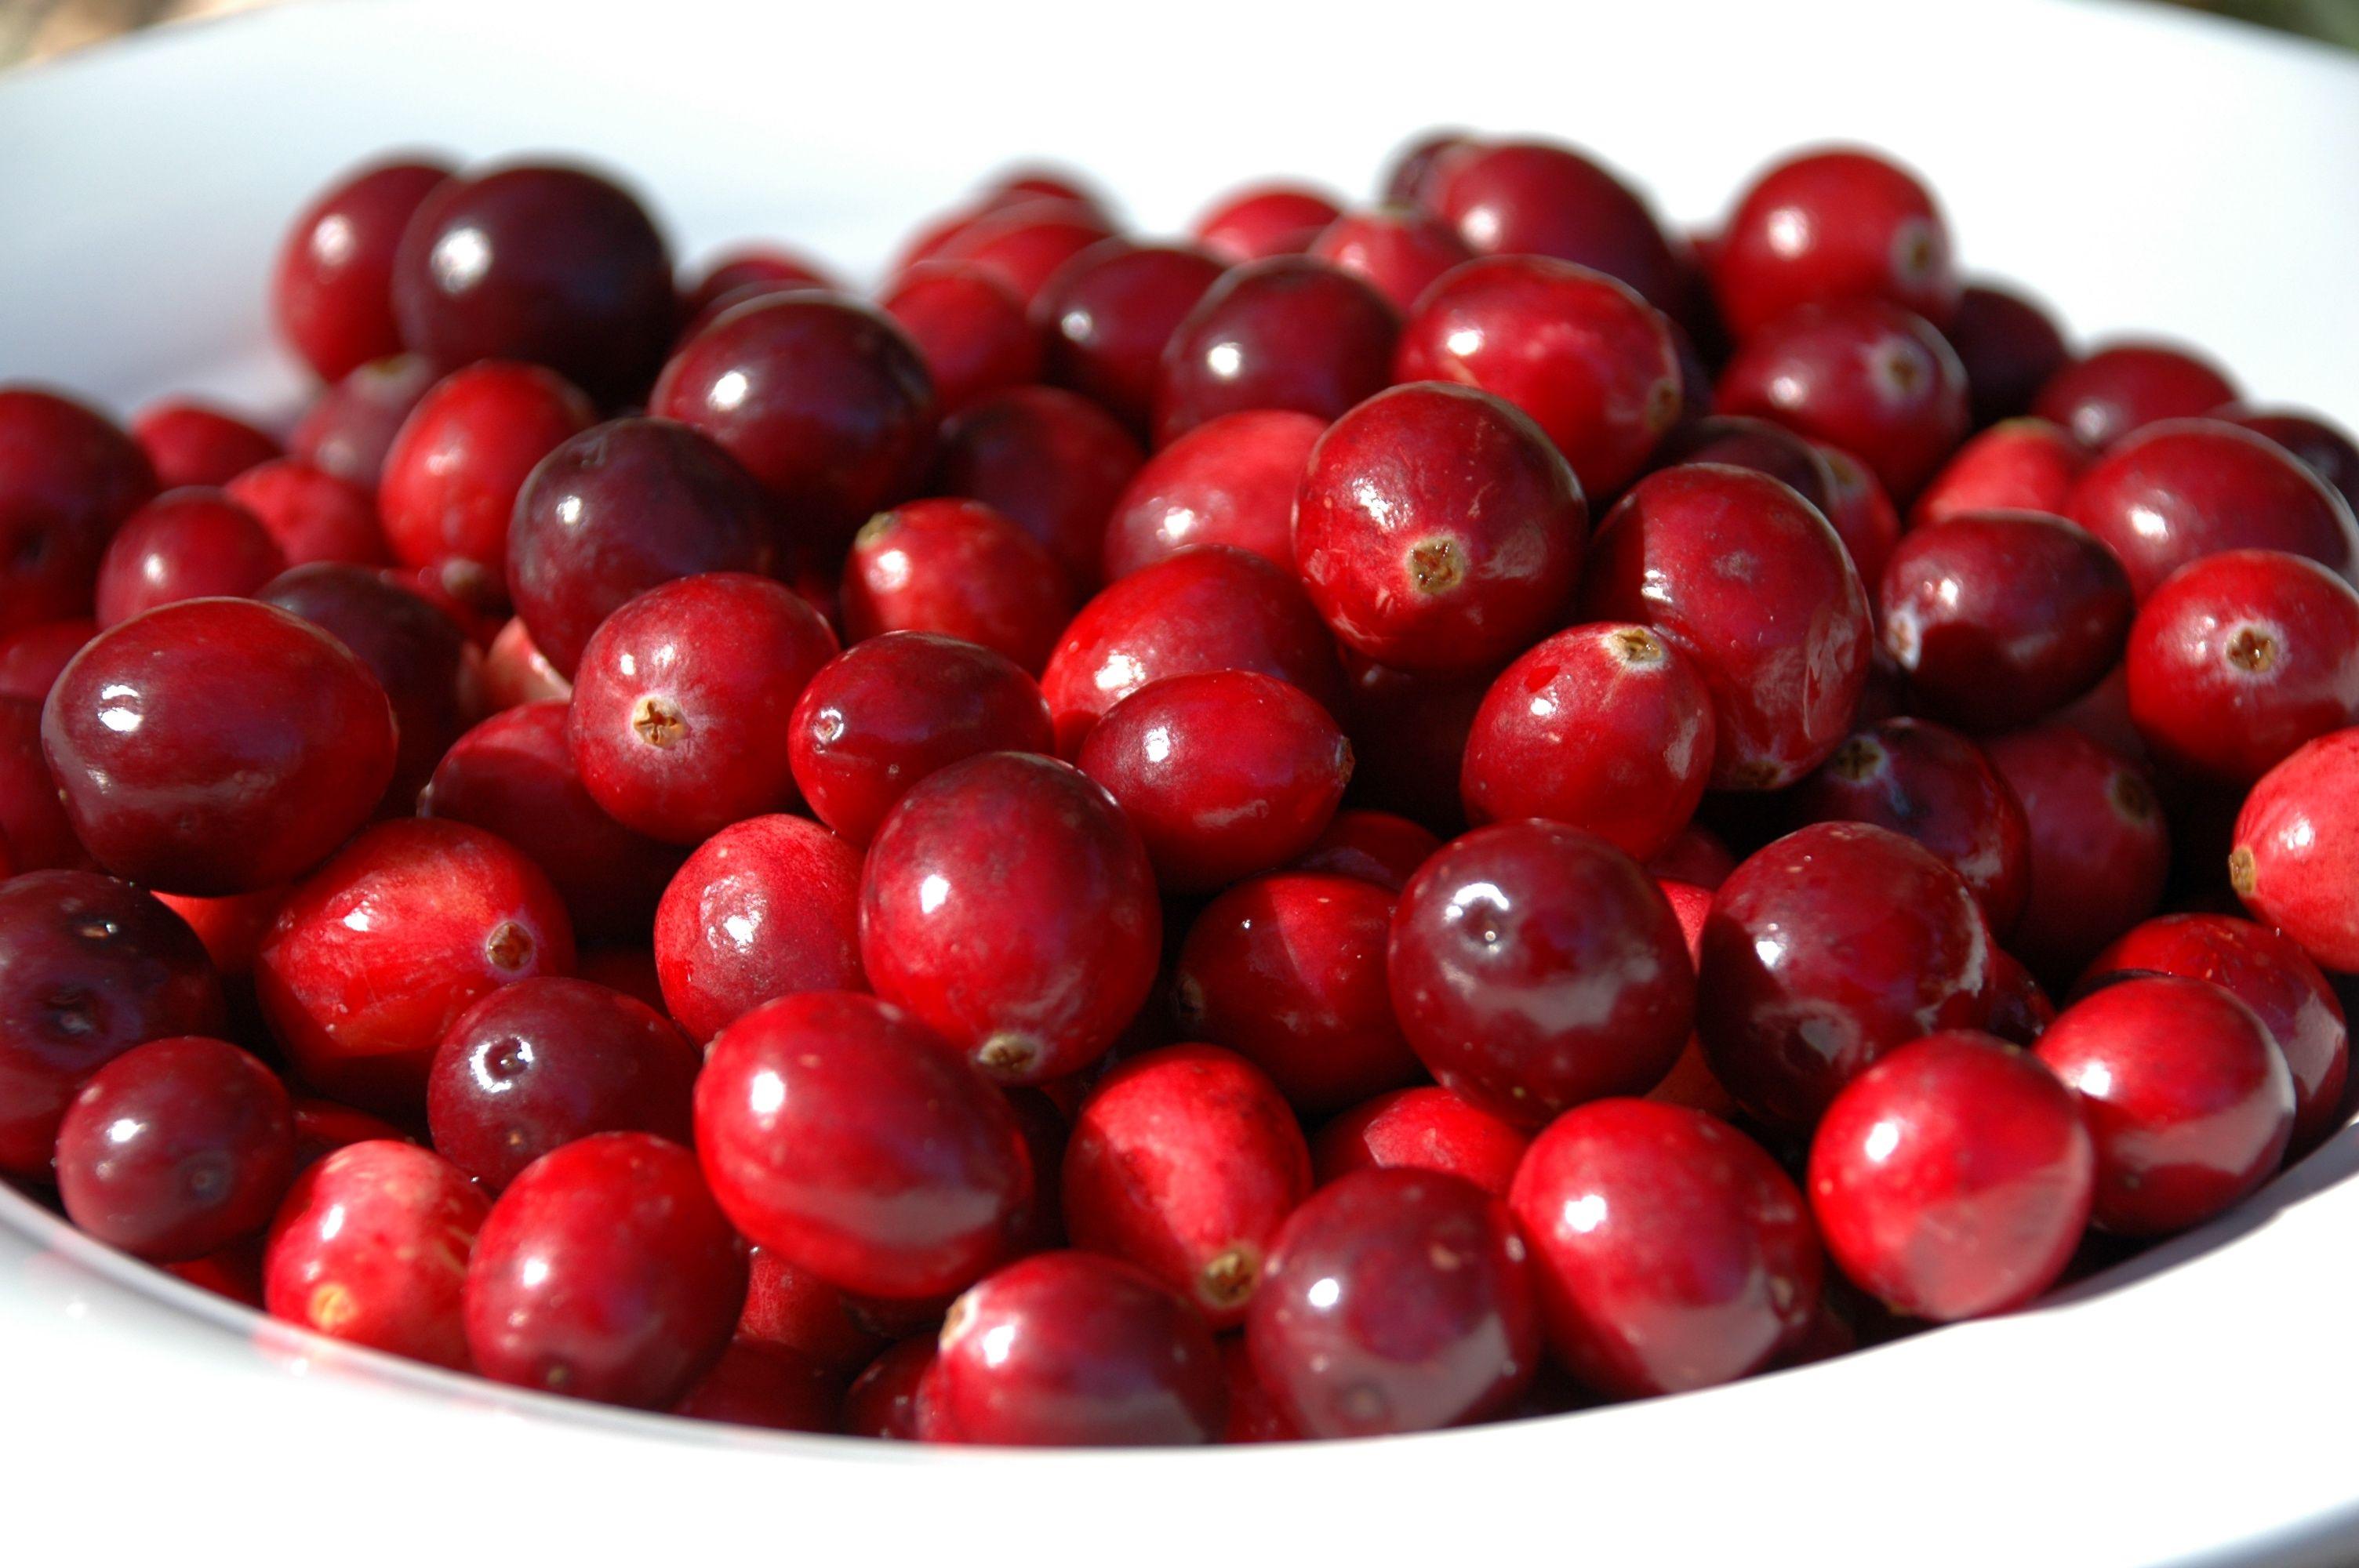 cranberries : arandos vermelhos